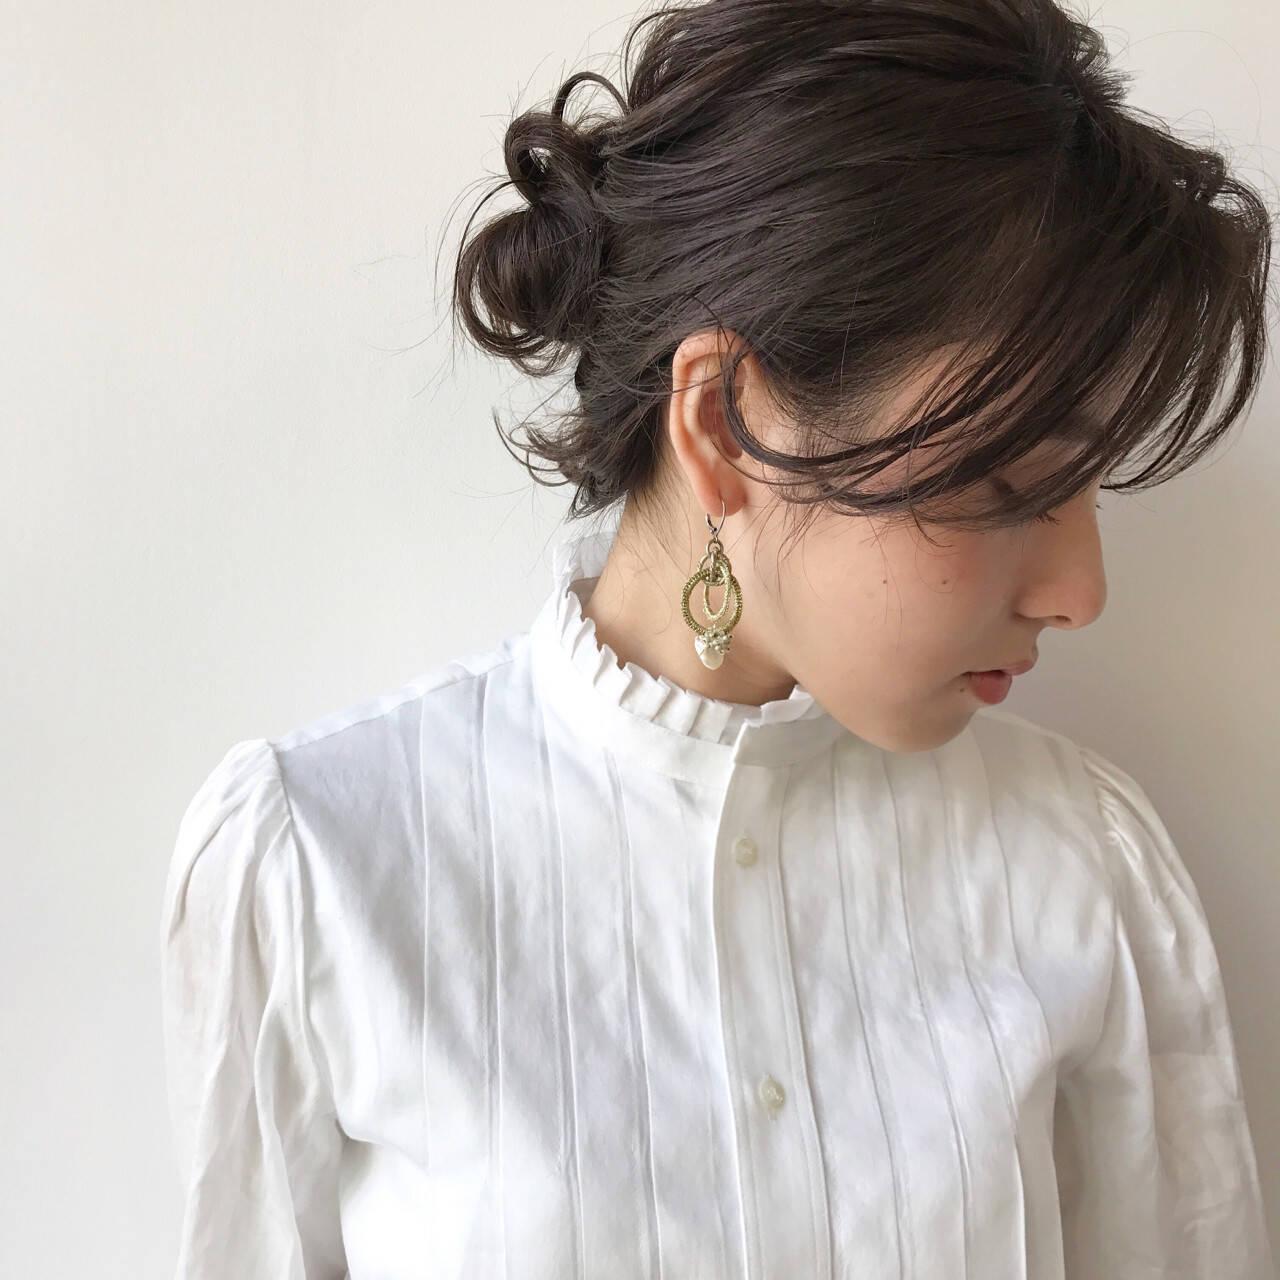 女子会 結婚式 秋 ヘアアレンジヘアスタイルや髪型の写真・画像